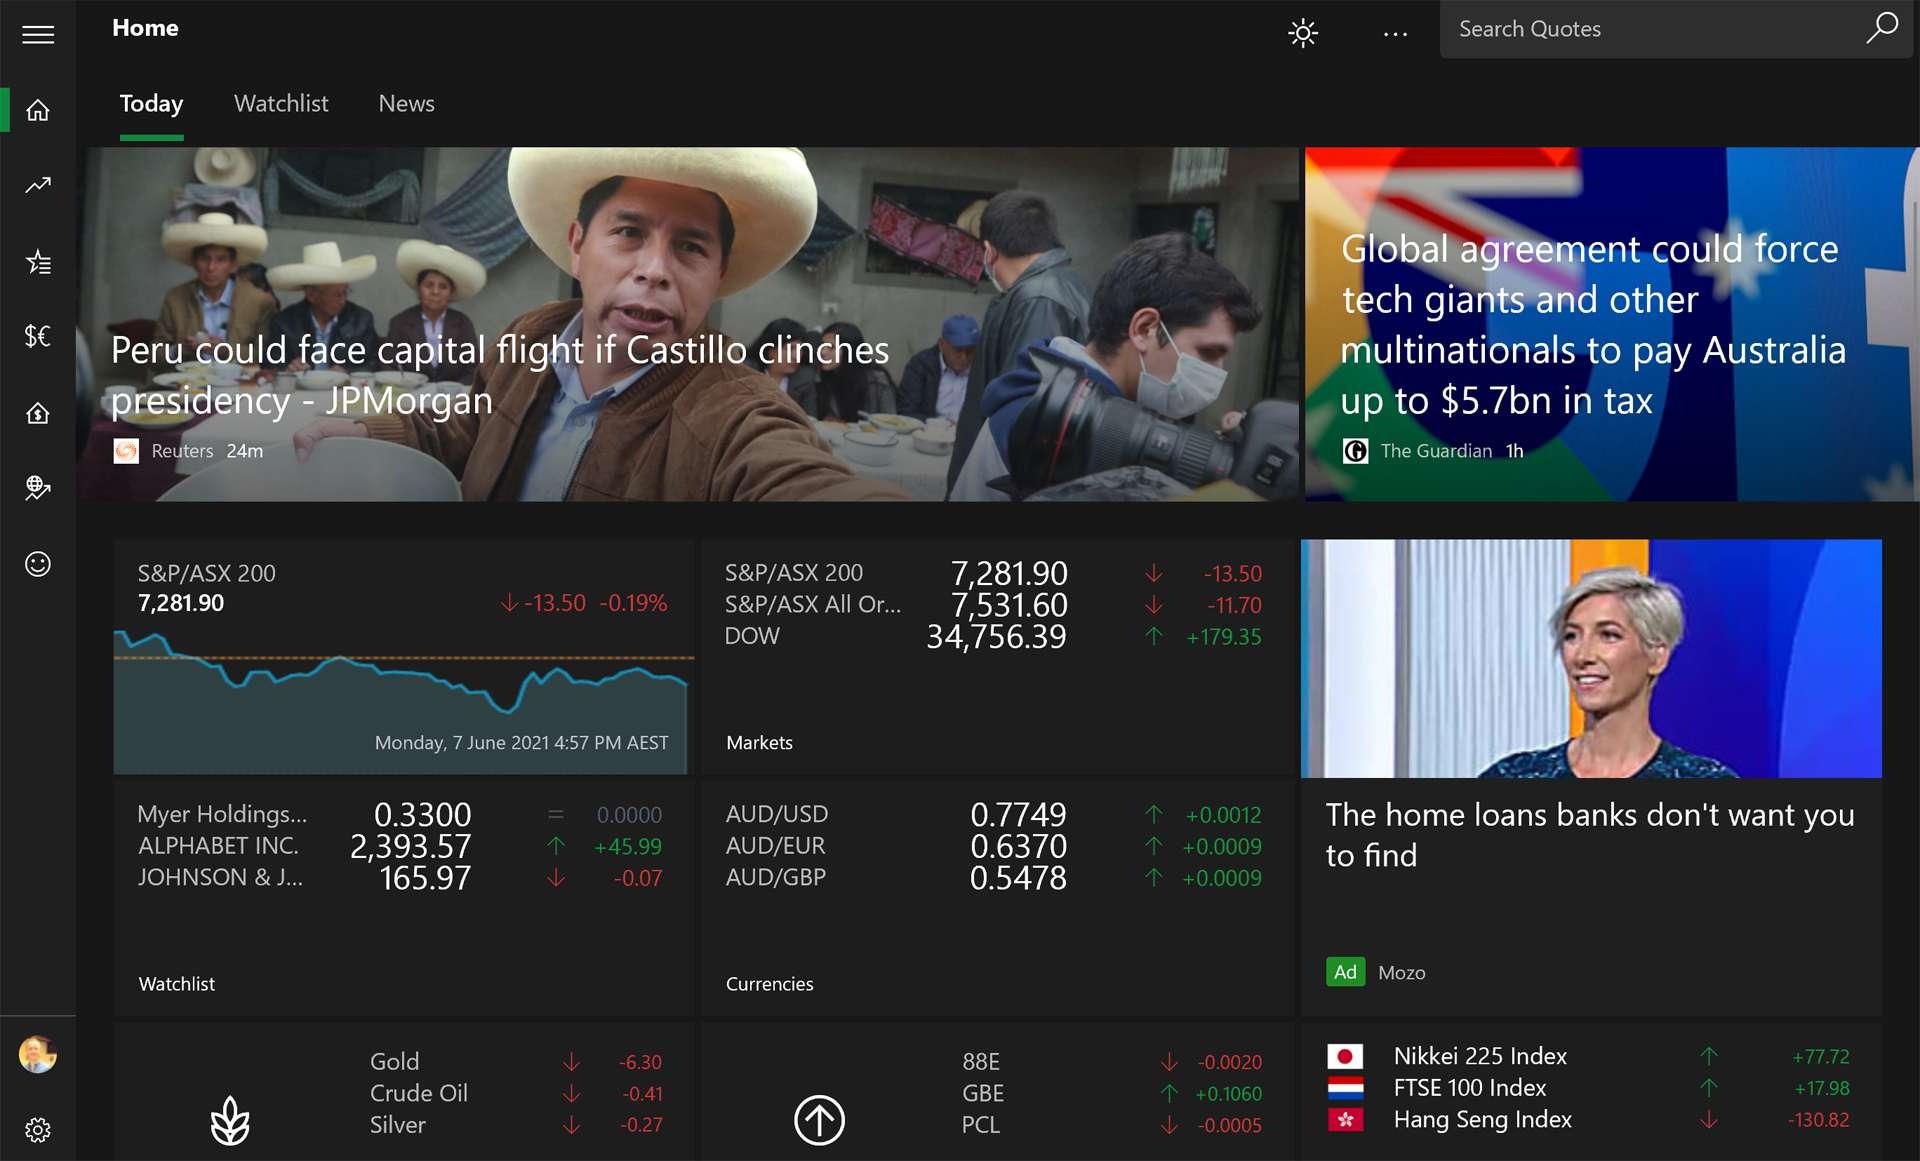 Windows 10 MSN Money app on Surface.